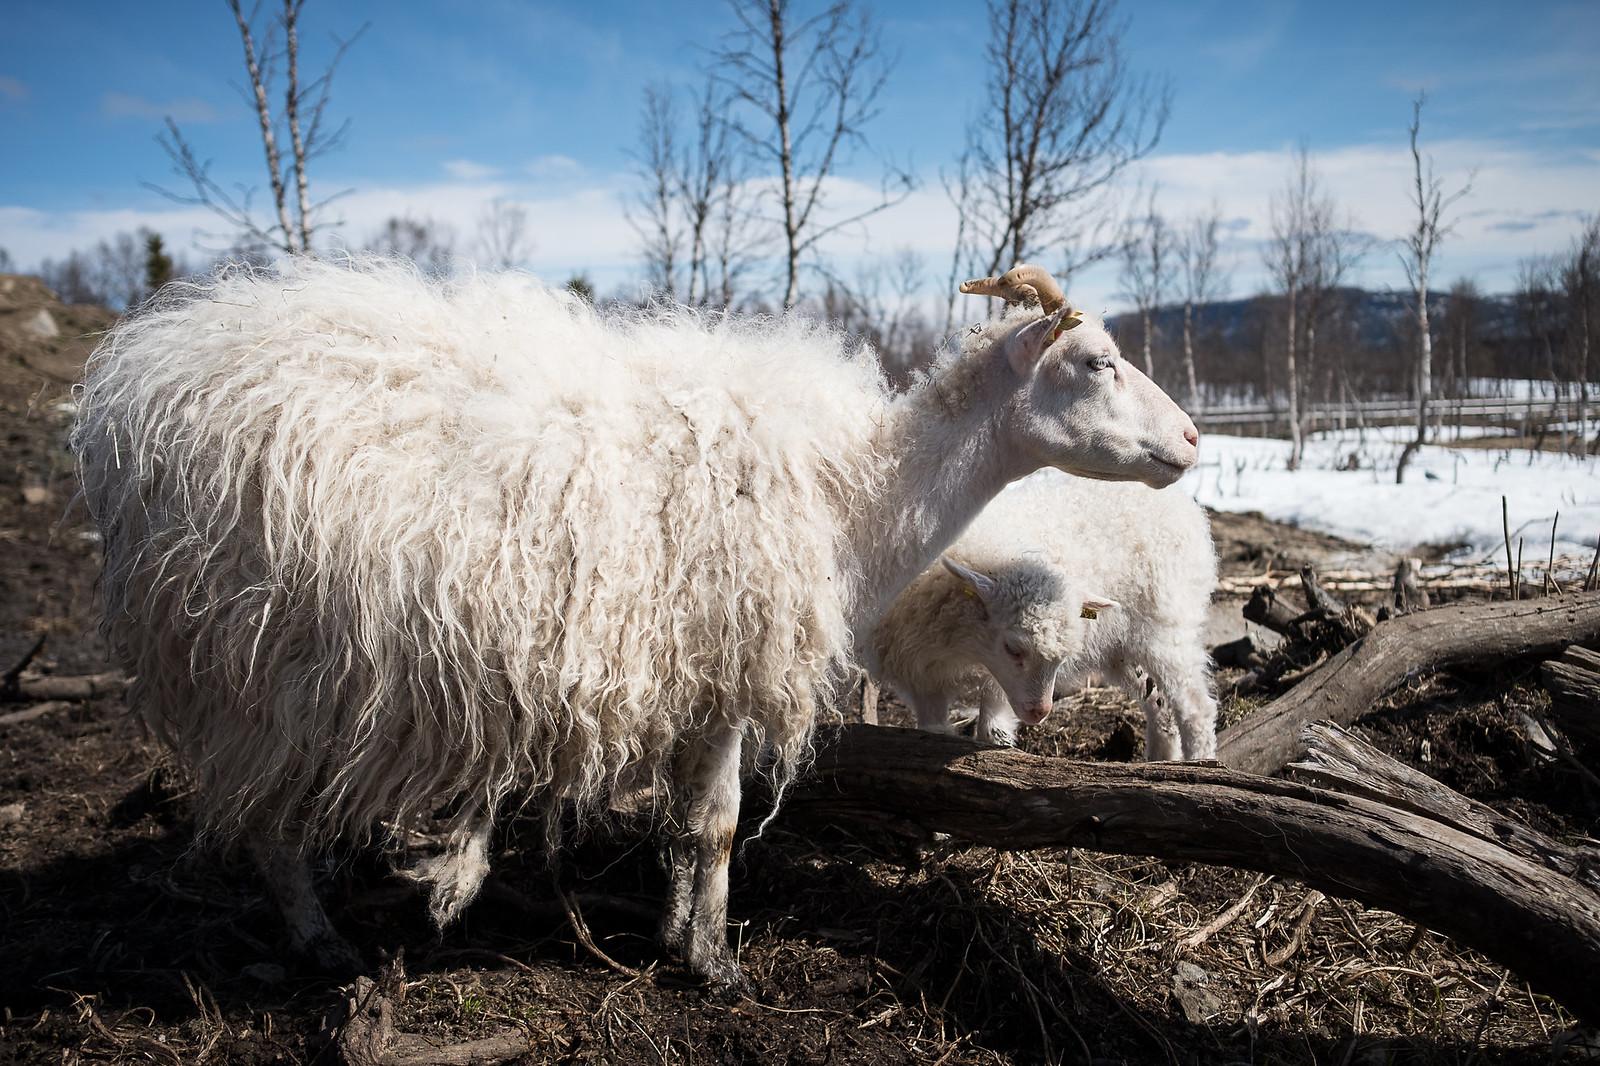 Lille My med lammet sitt på Olaåsen Gård i pinsen